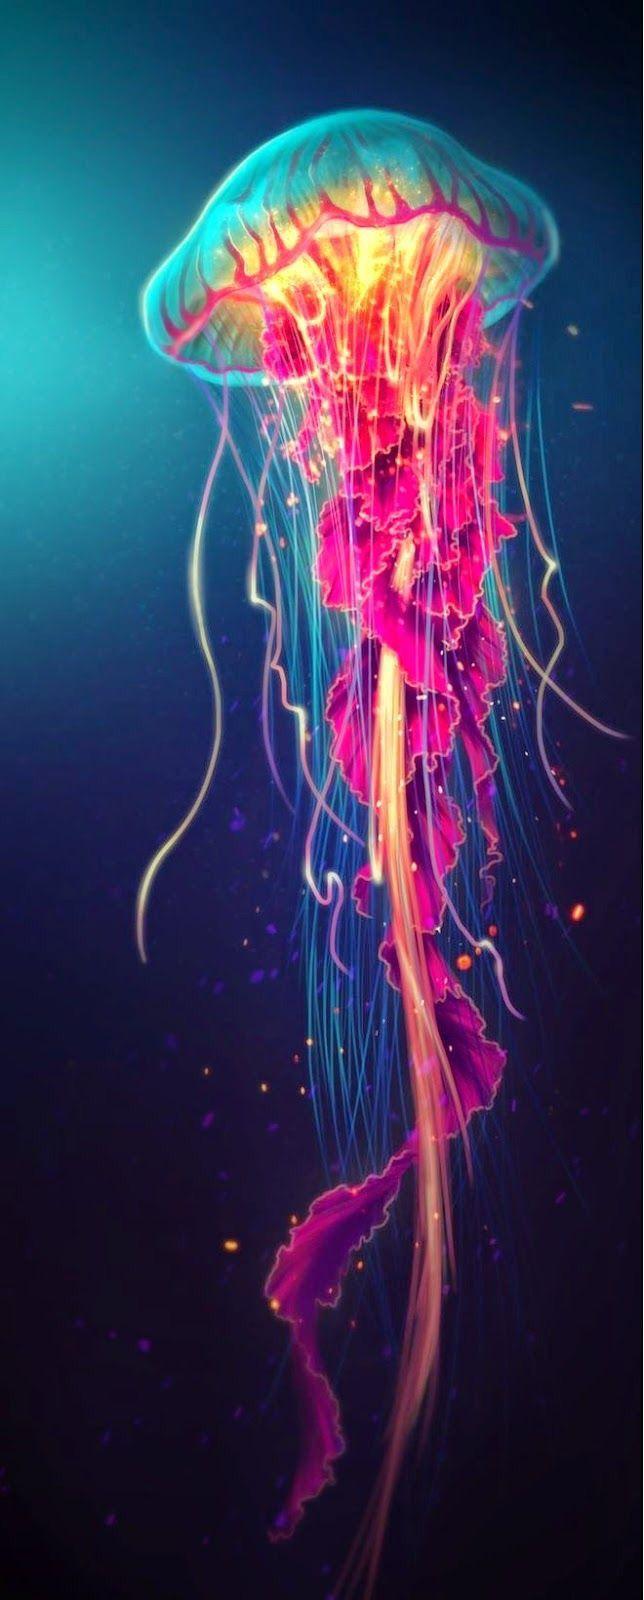 Jelly Fish!